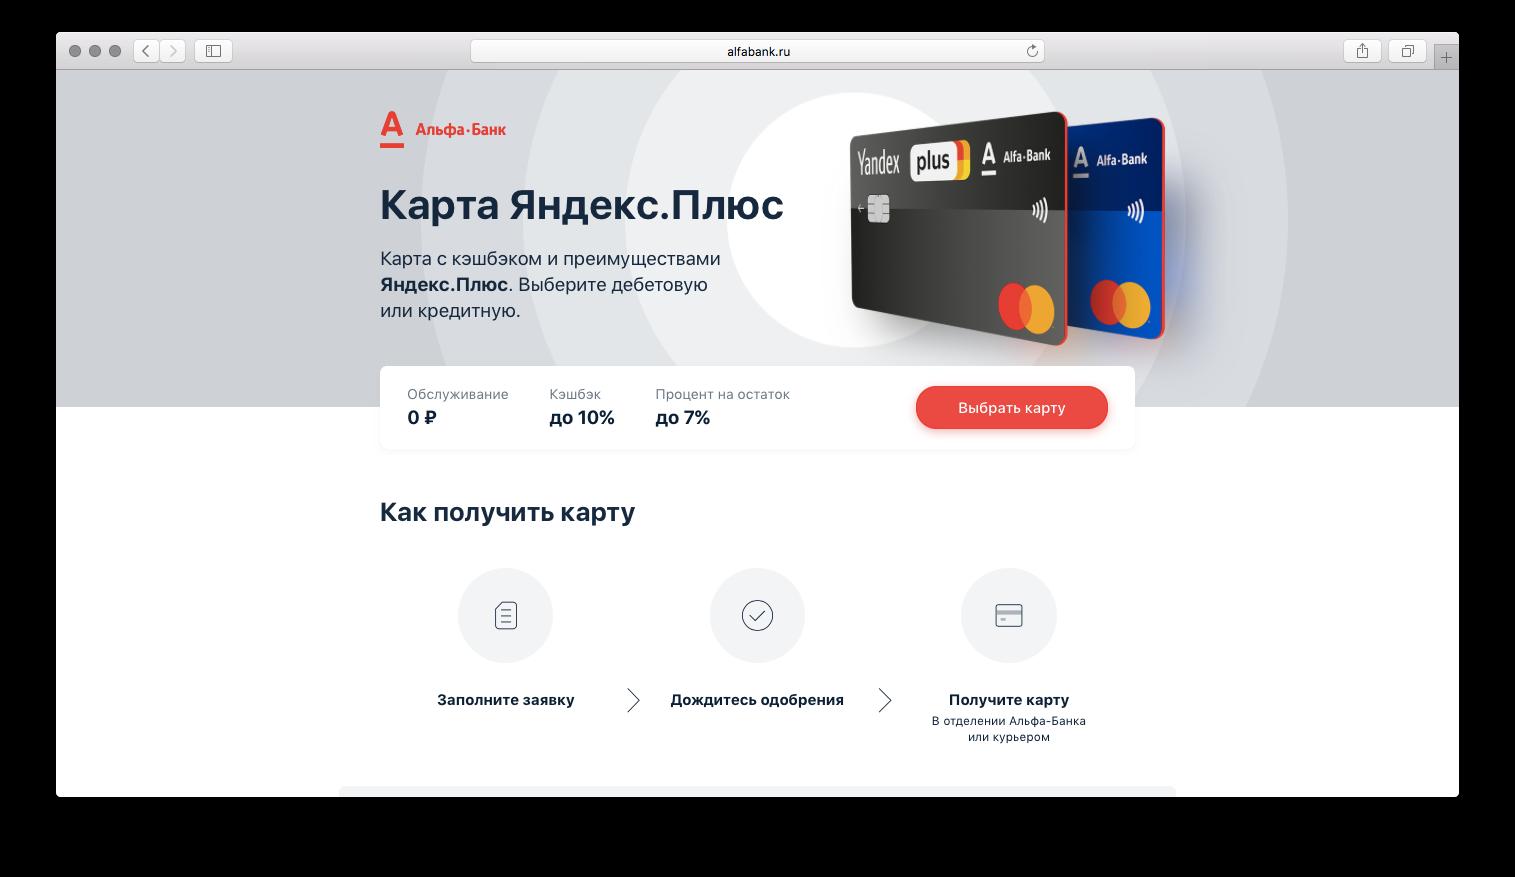 «Яндекс» выпустит карты с кэшбеком на свои сервисы вместе с «Альфа-банком» и «Тинькофф-банком»